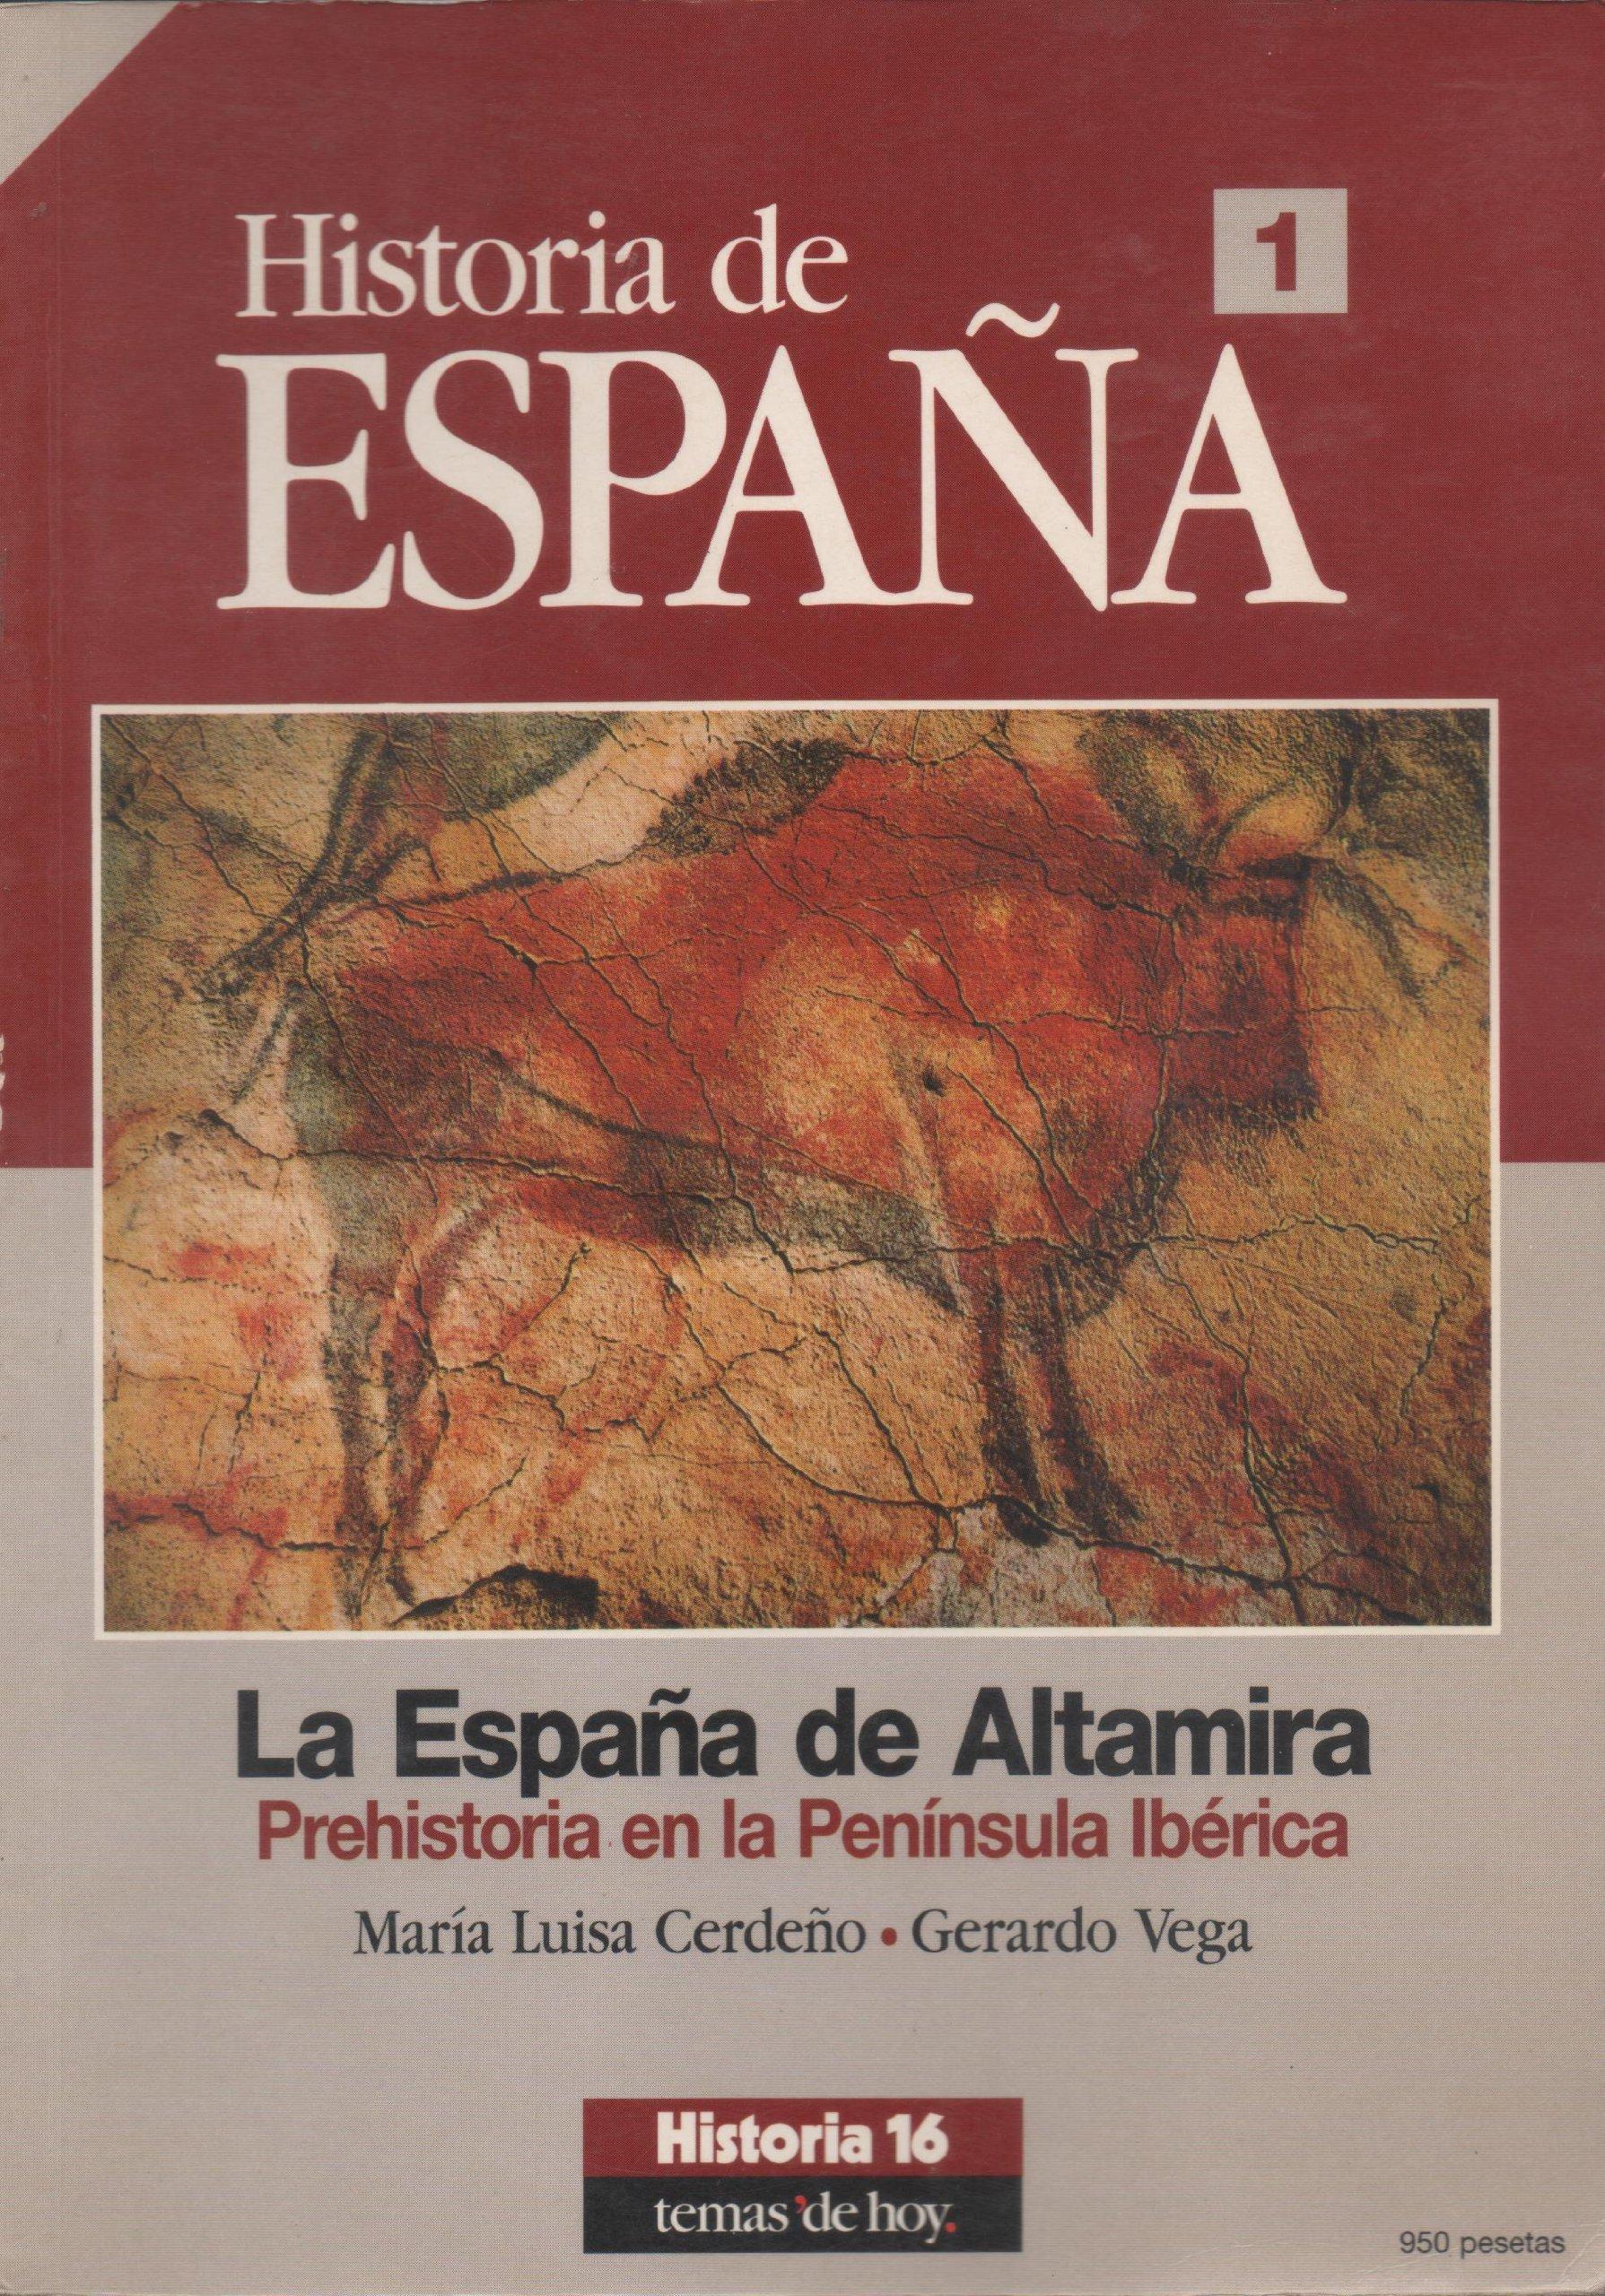 La España de Altamira : Prehistoria en la Península Ibérica: Amazon.es: CERDEÑO, MARÍA LUISA/VEGA, GERARDO: Libros